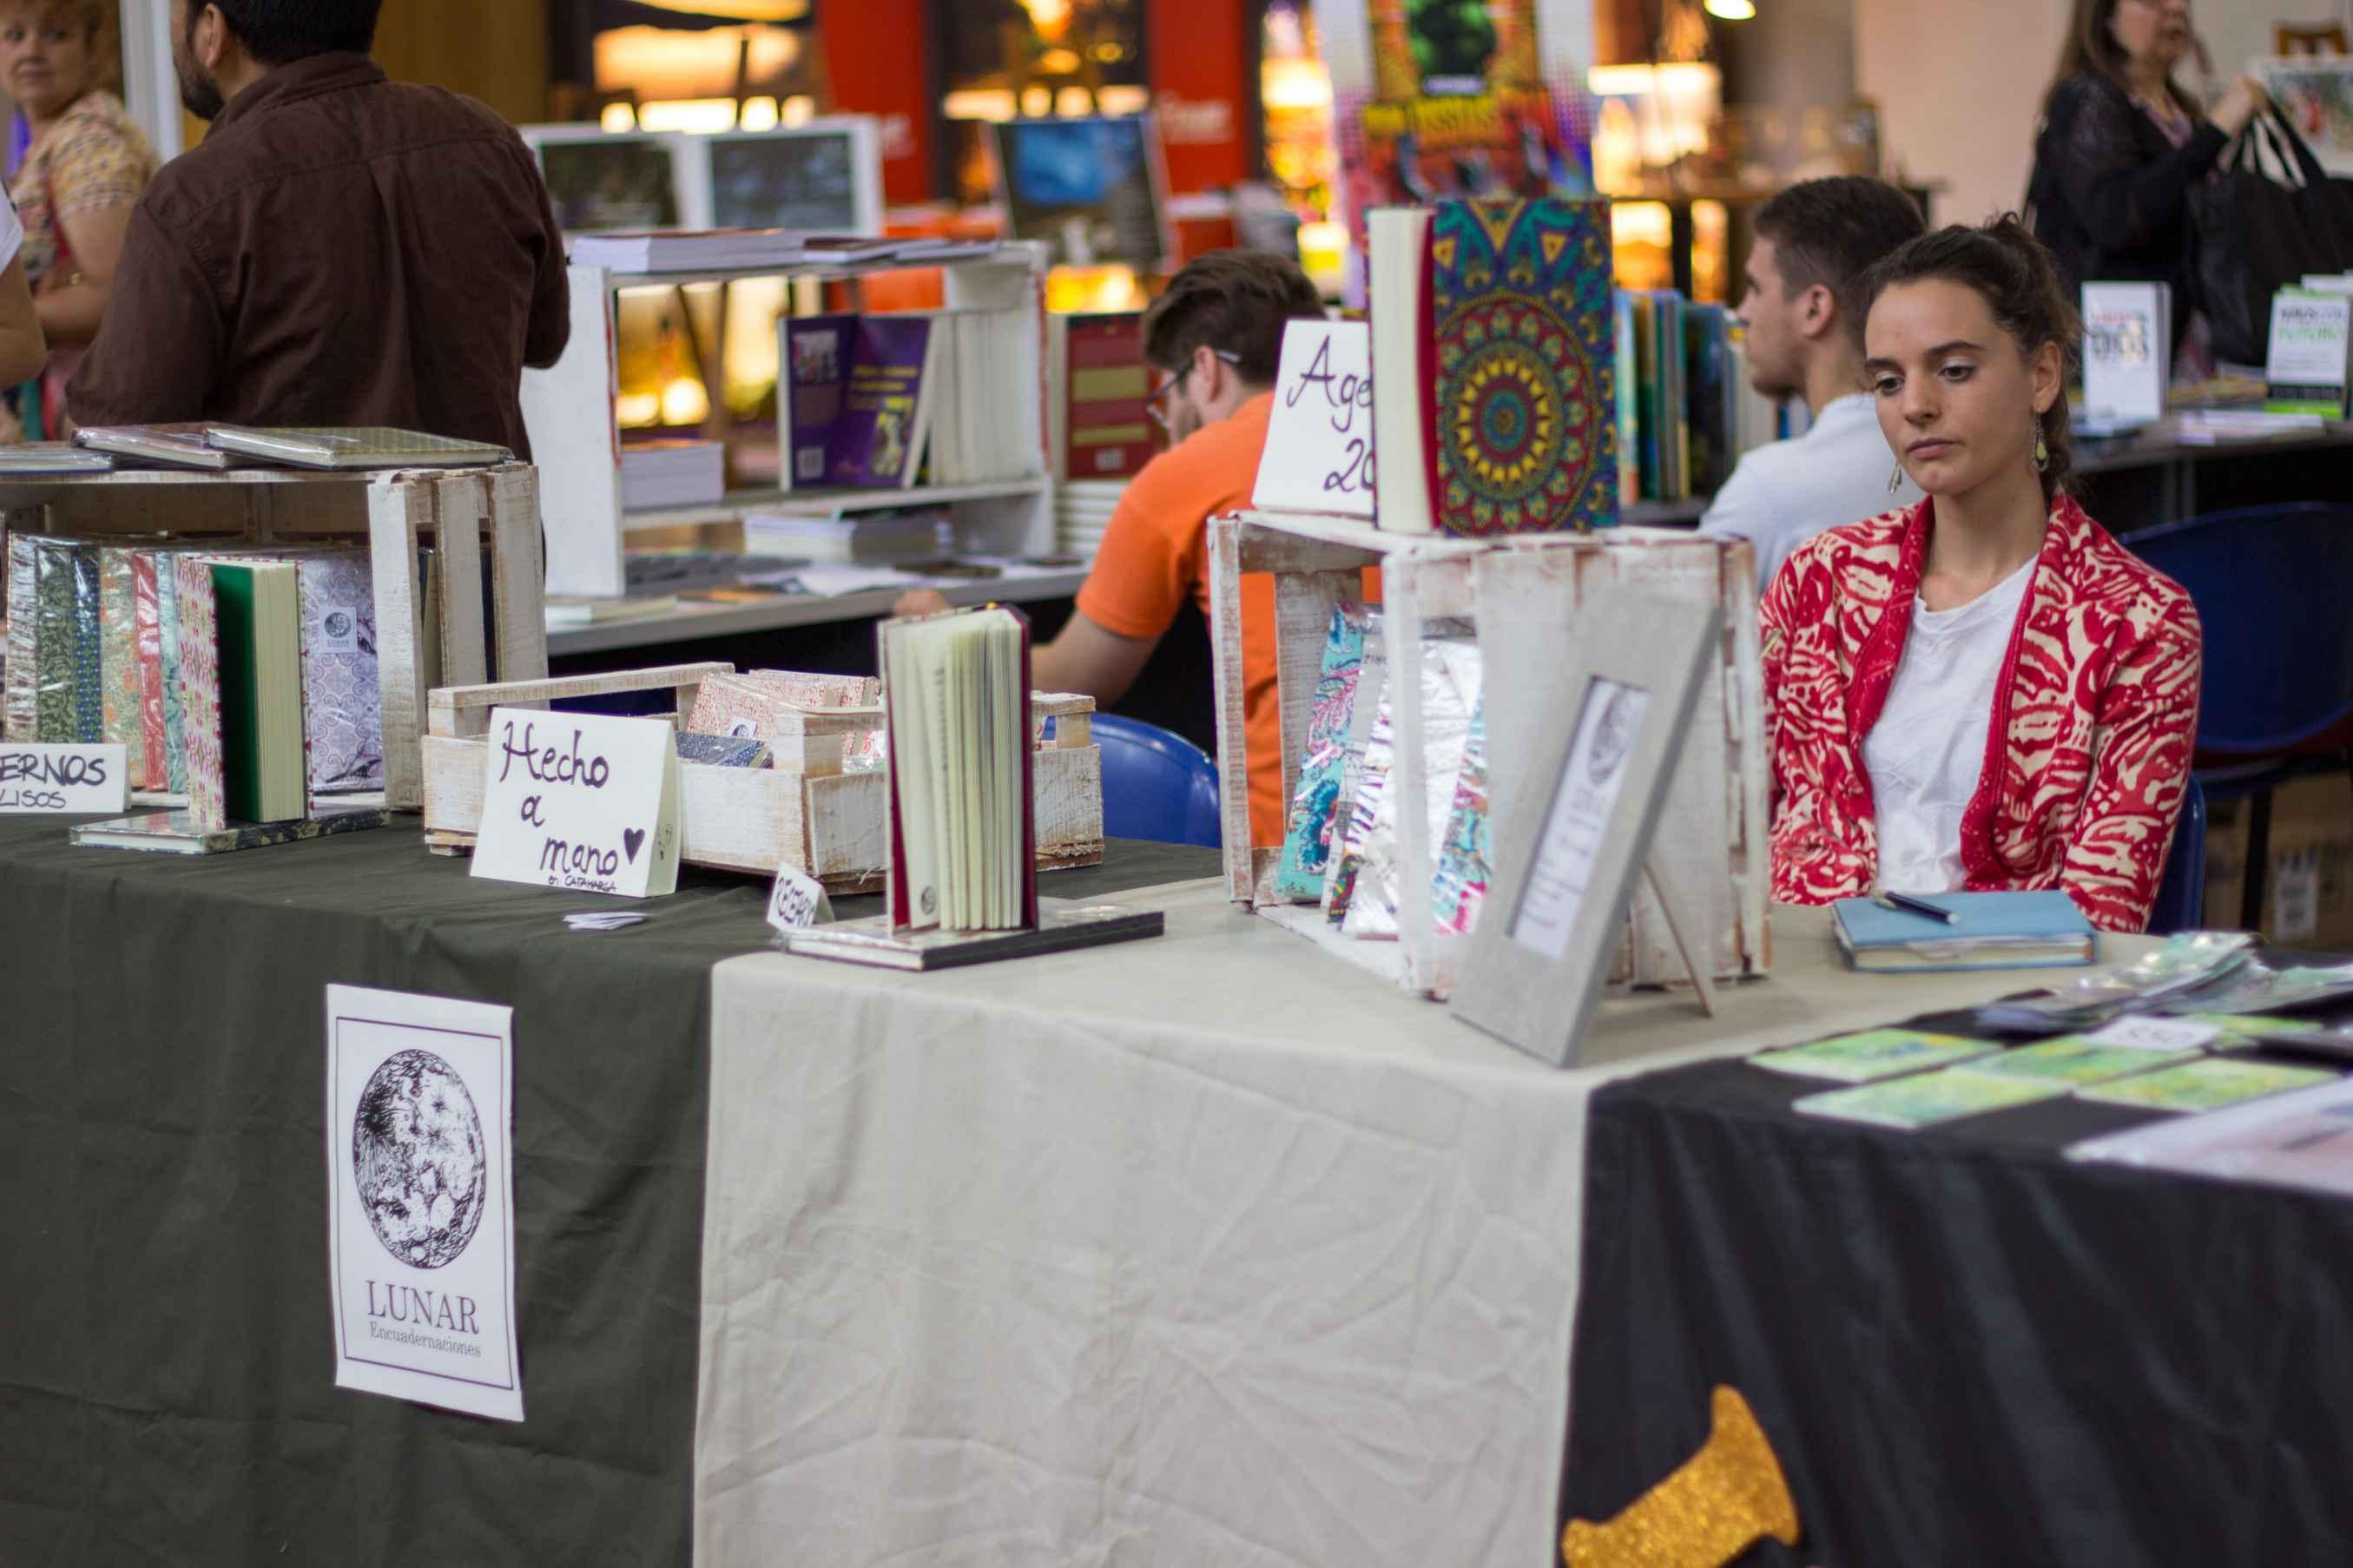 La Feria del Libro, entre editoriales independientes y librerías con grandes títulos